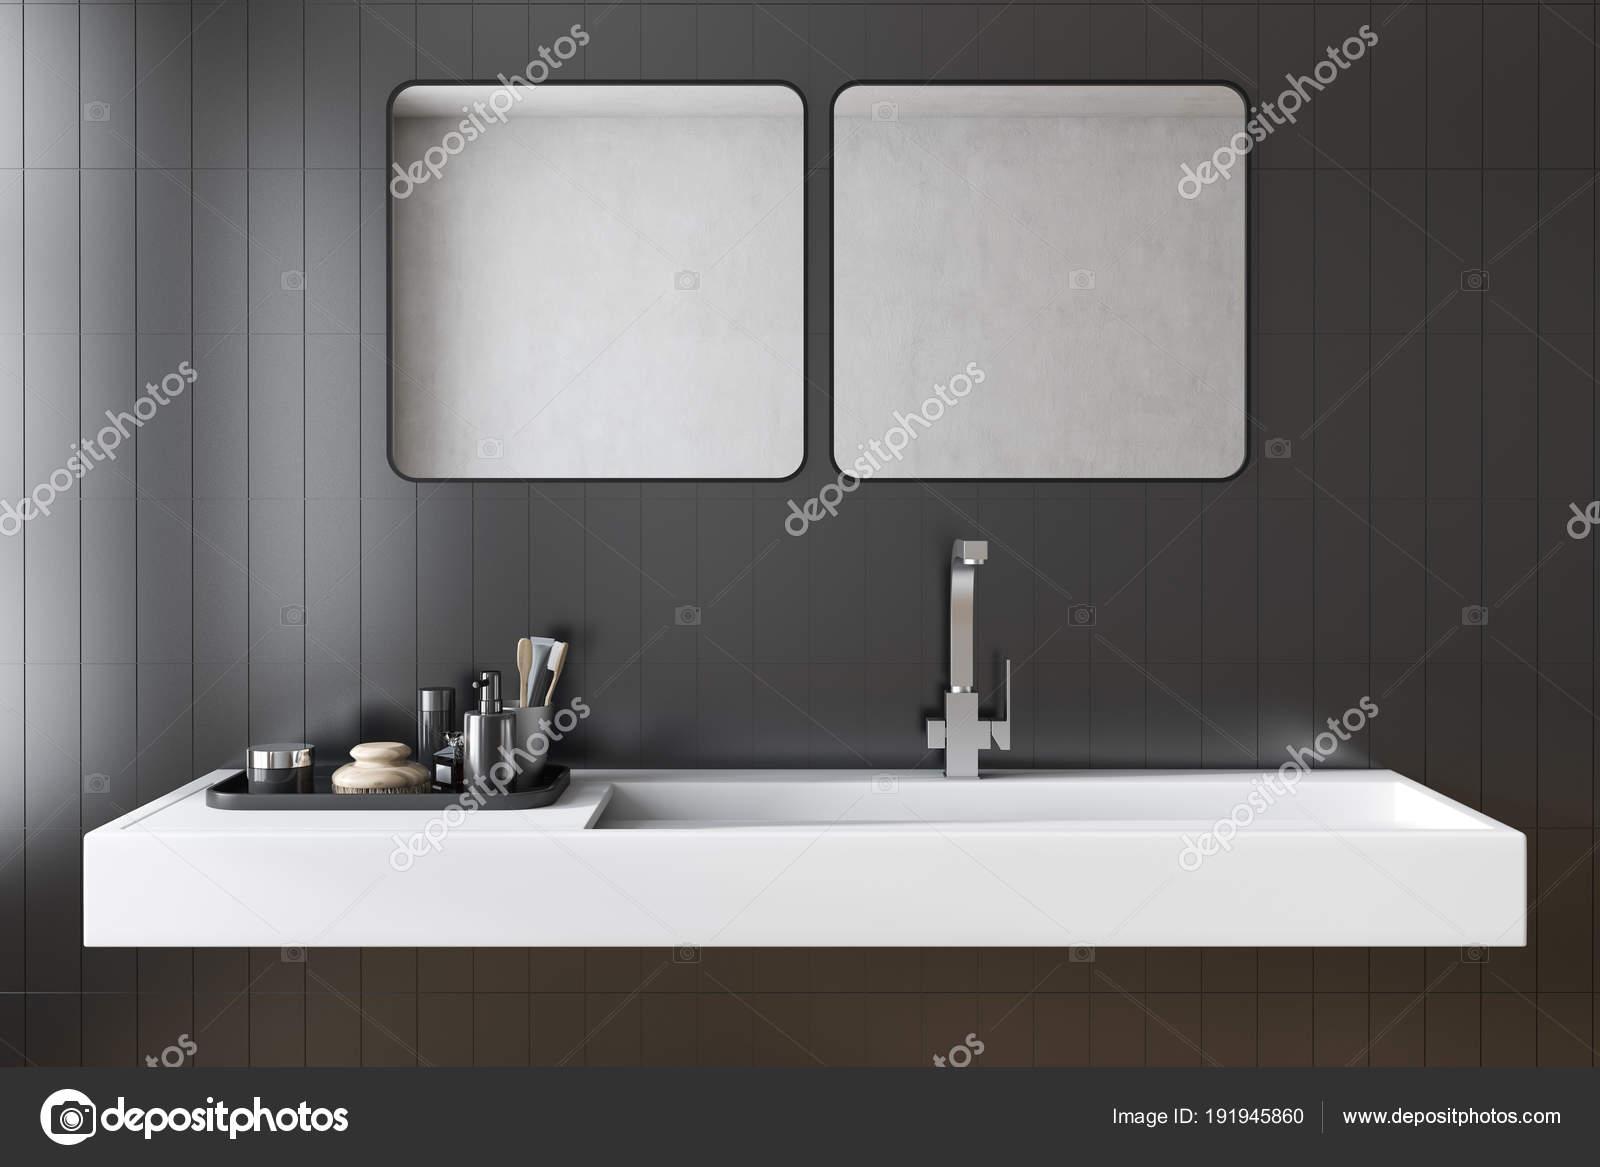 Schwarze Fliesen Bad Waschbecken Interieur — Stockfoto ...